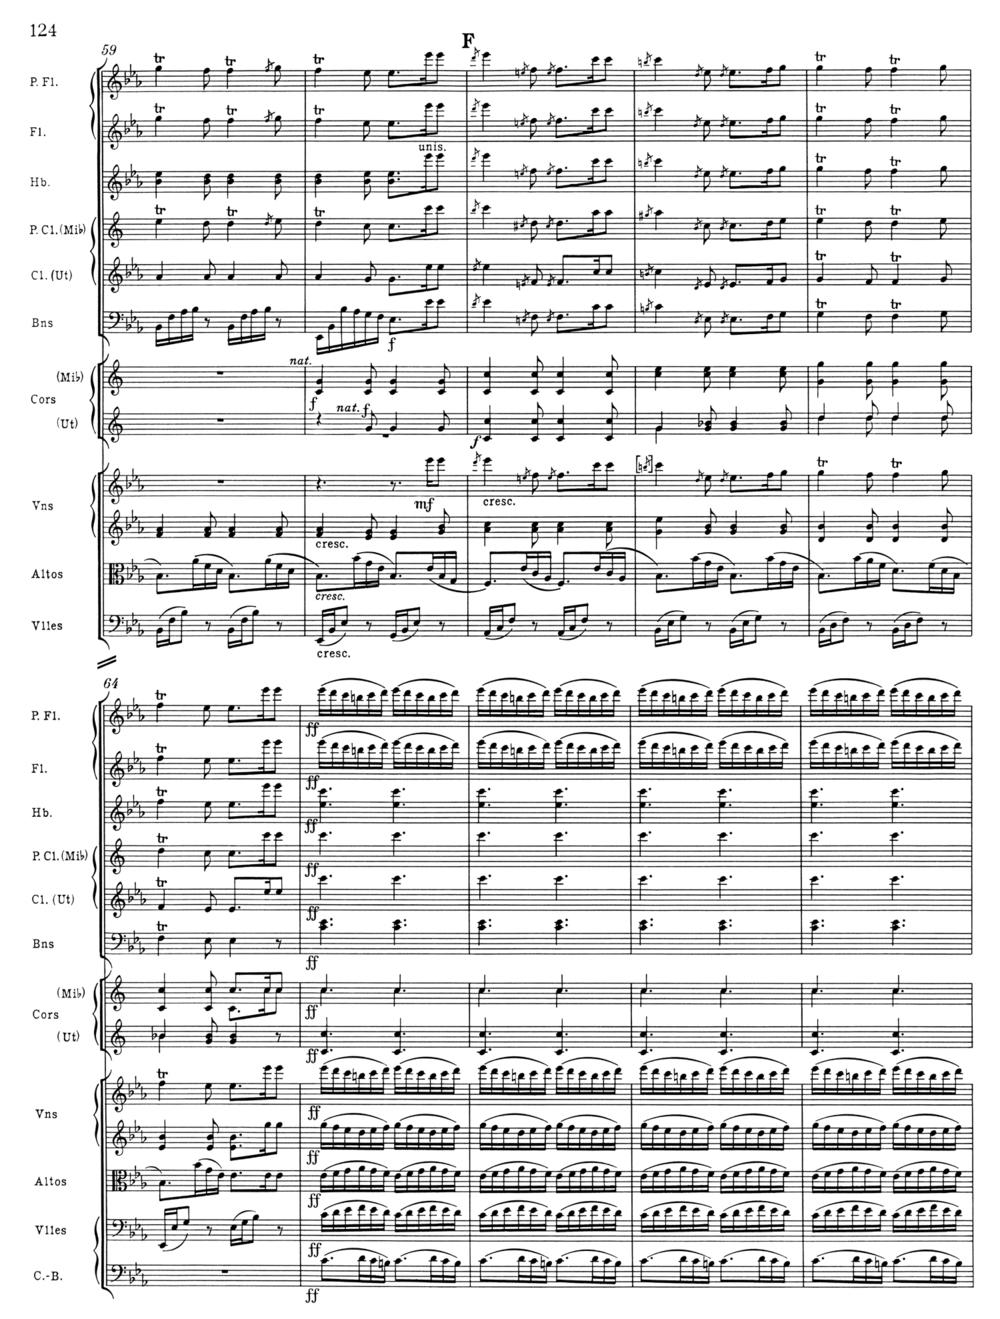 Berlioz Mvt 5 Score 2.jpg